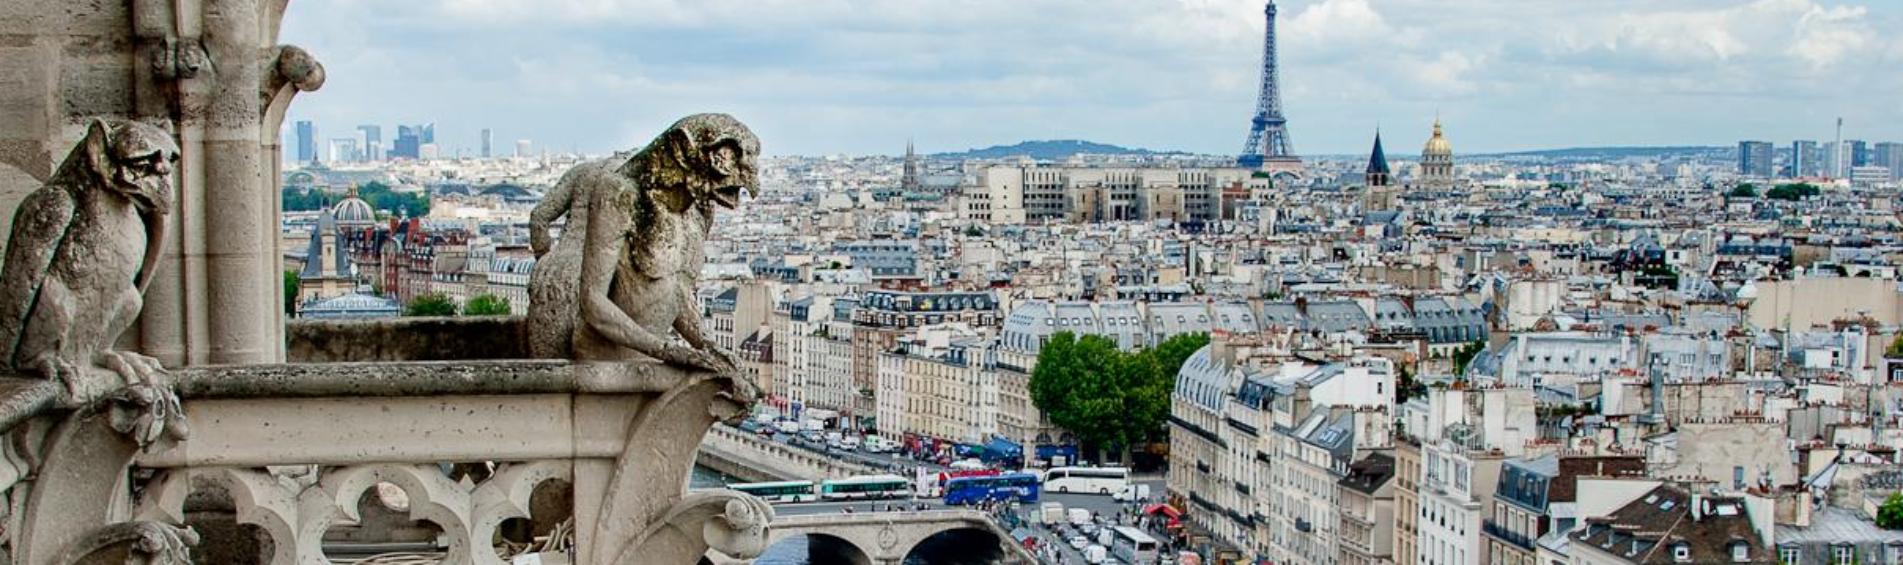 Top 5 des activités, lieux, visites et endroits insolites Paris